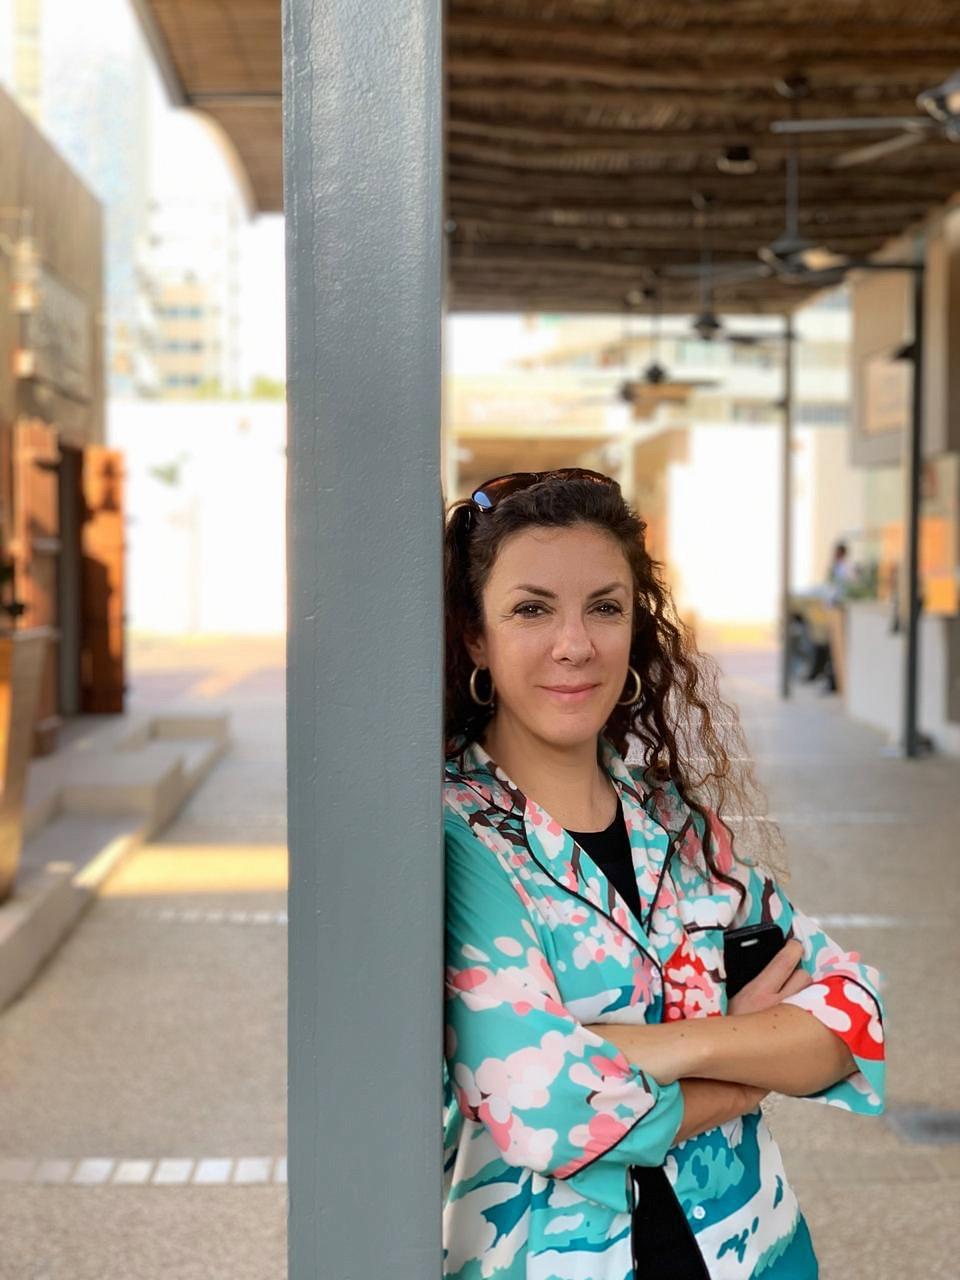 مخرجة الأفلام الوثائقيّة زهرا مكاوي صوّرت طوال 5 سنوات حركة نزوح السوريّين إلى دول الجوار وإلى أوروبا/ زهرا مكاوي